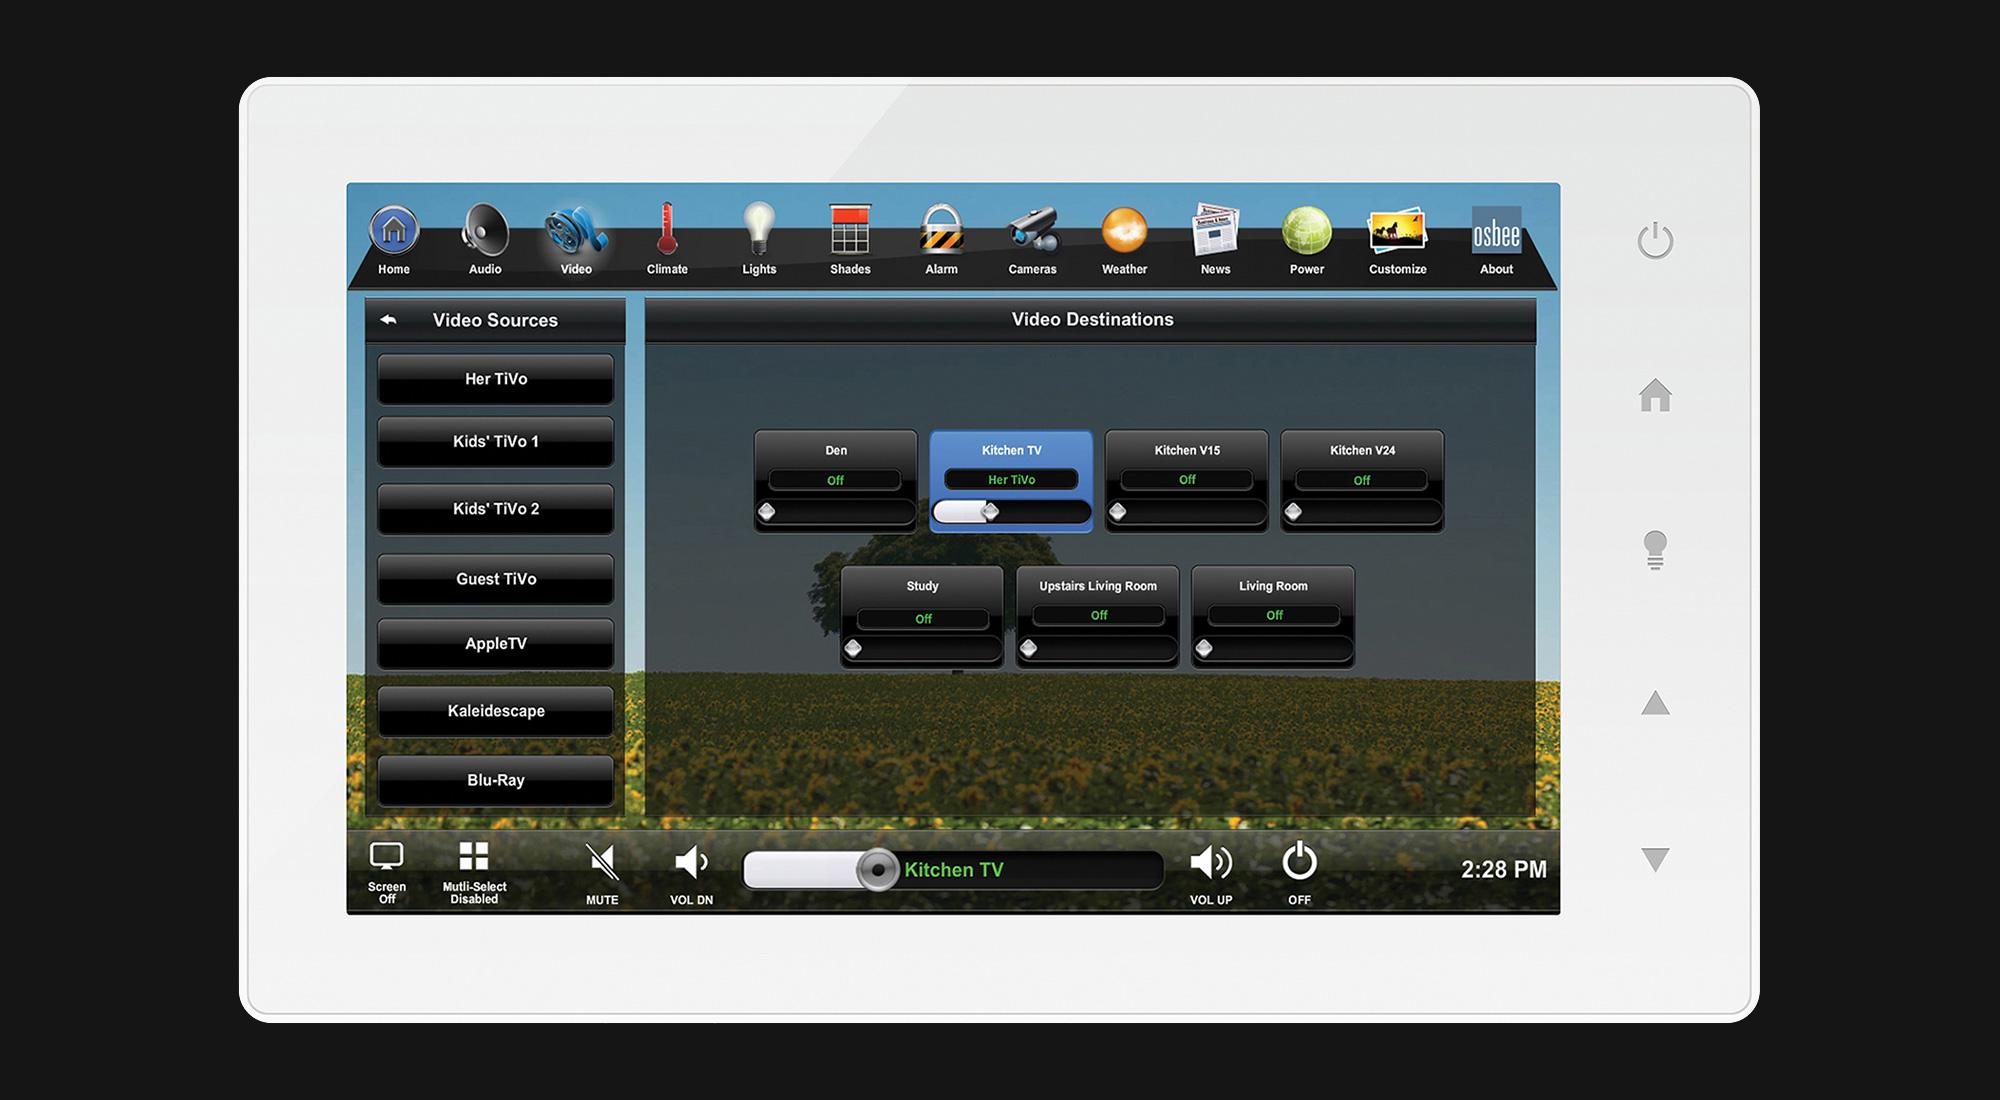 touchscreen, video screen